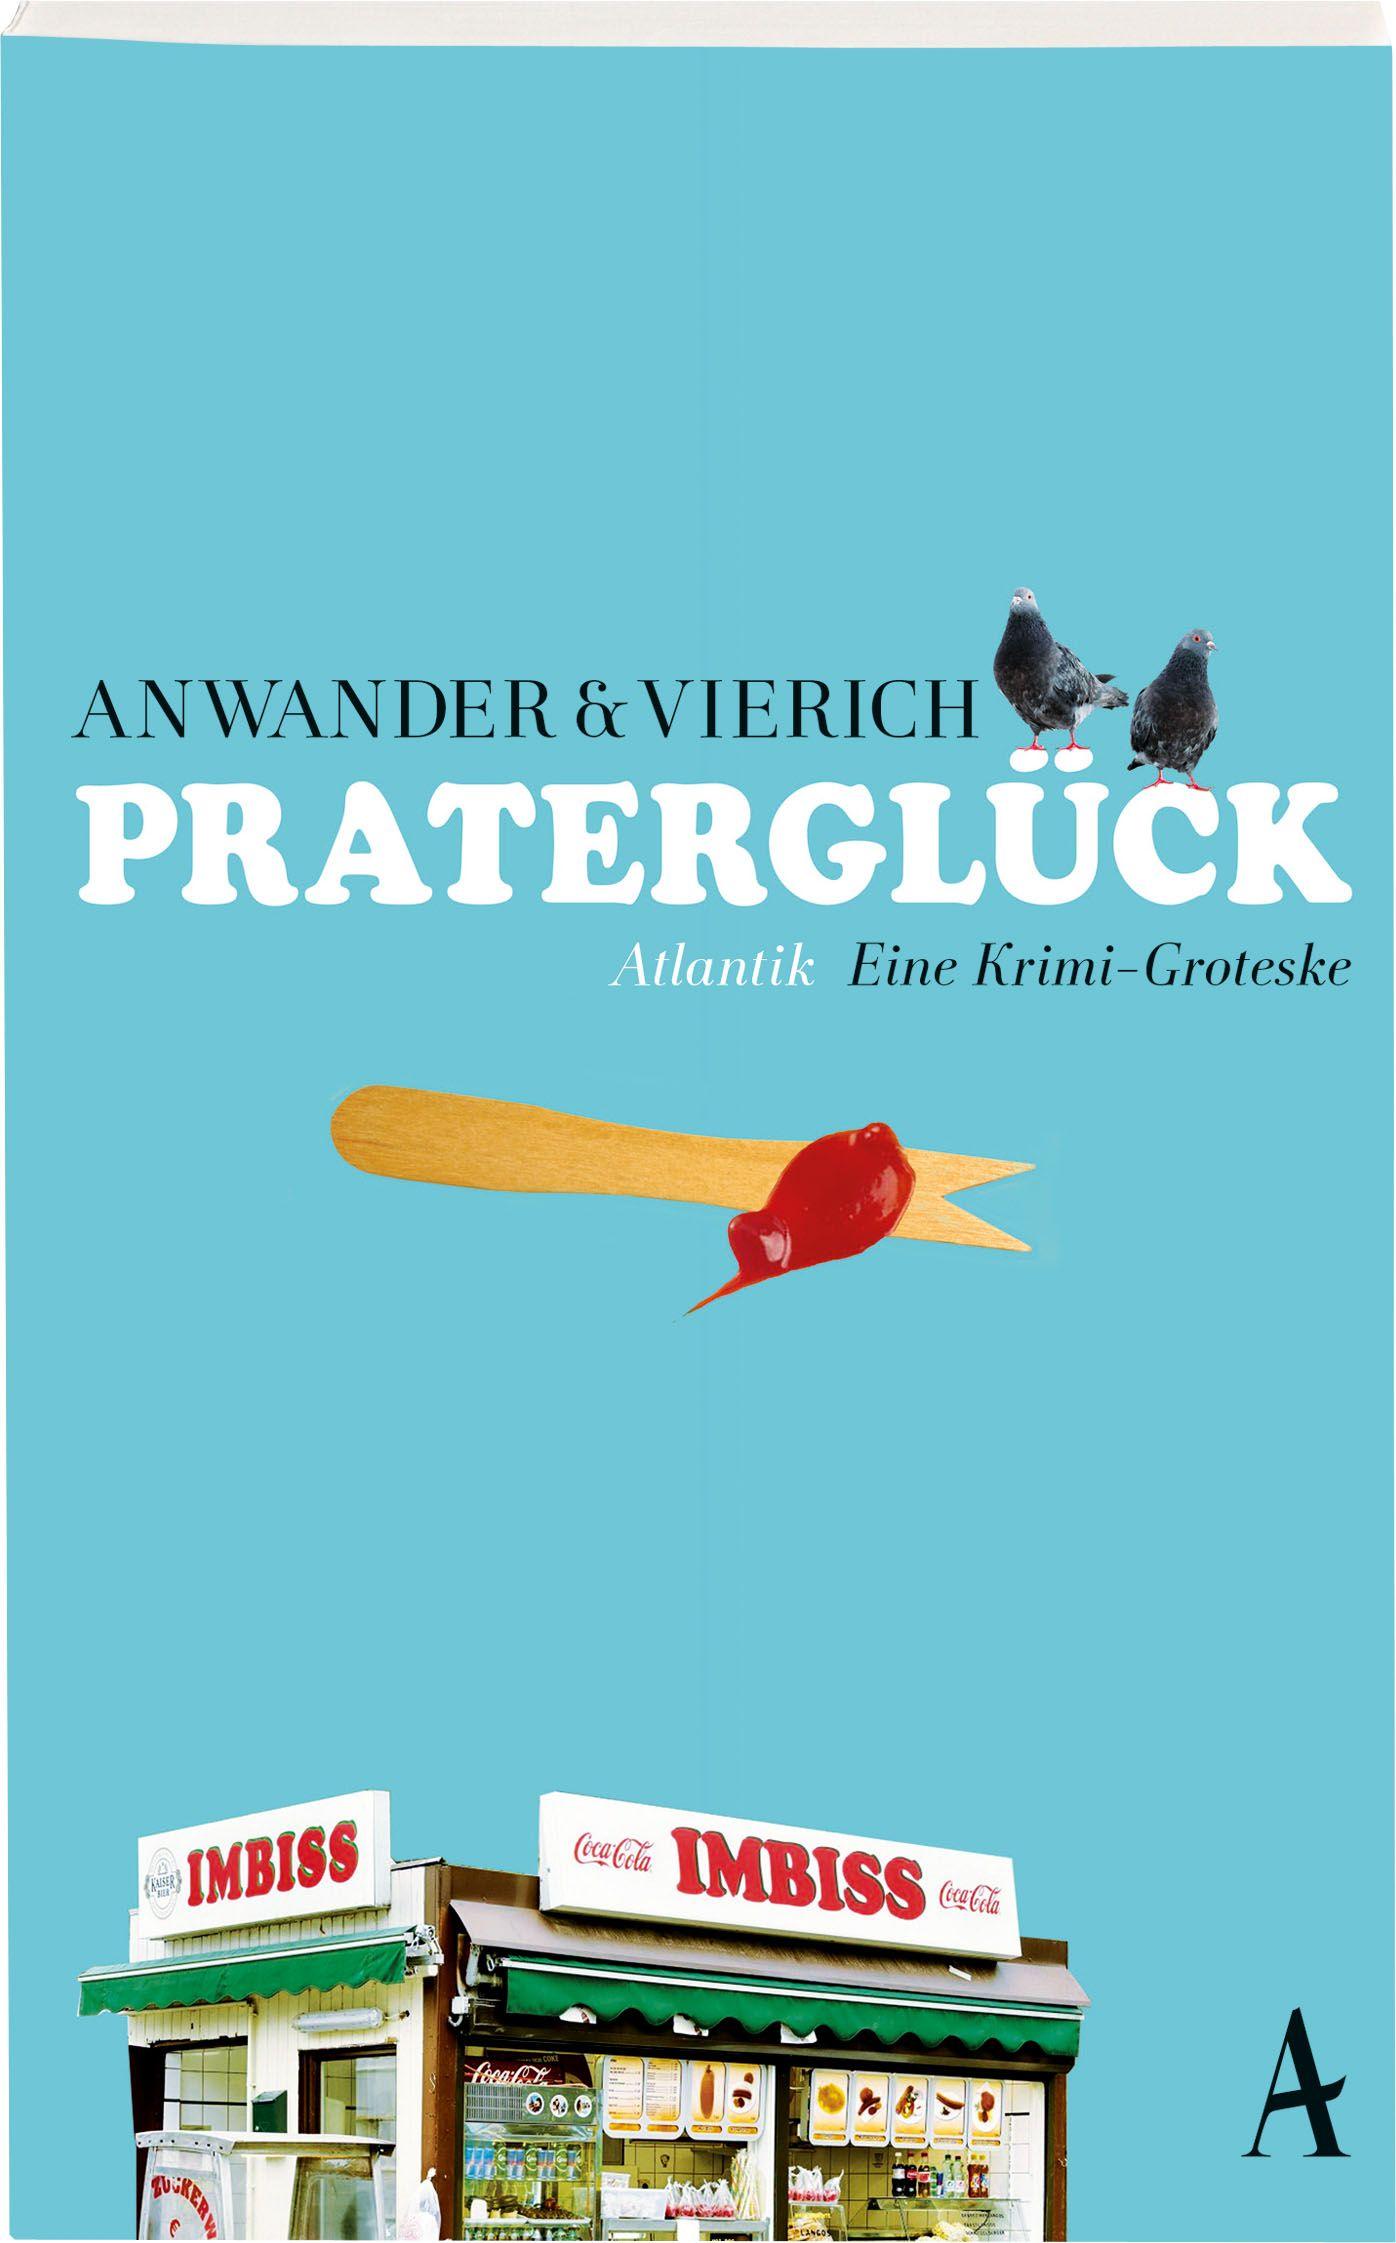 Anwander & Vierich: Praterglück (Hoffmann und Campe Verlag)